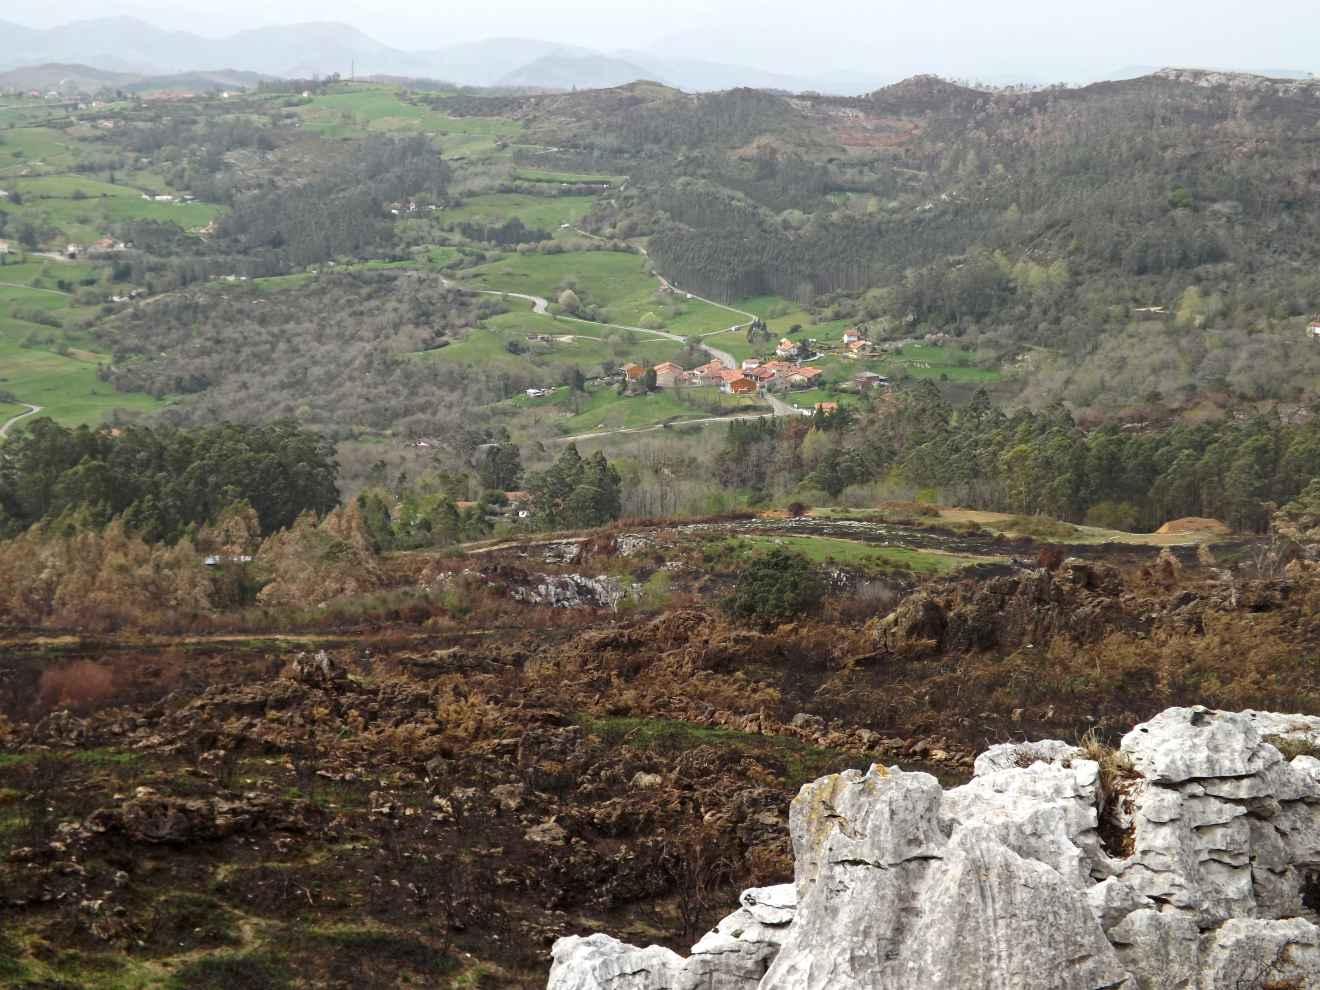 Vista del la ruta minera